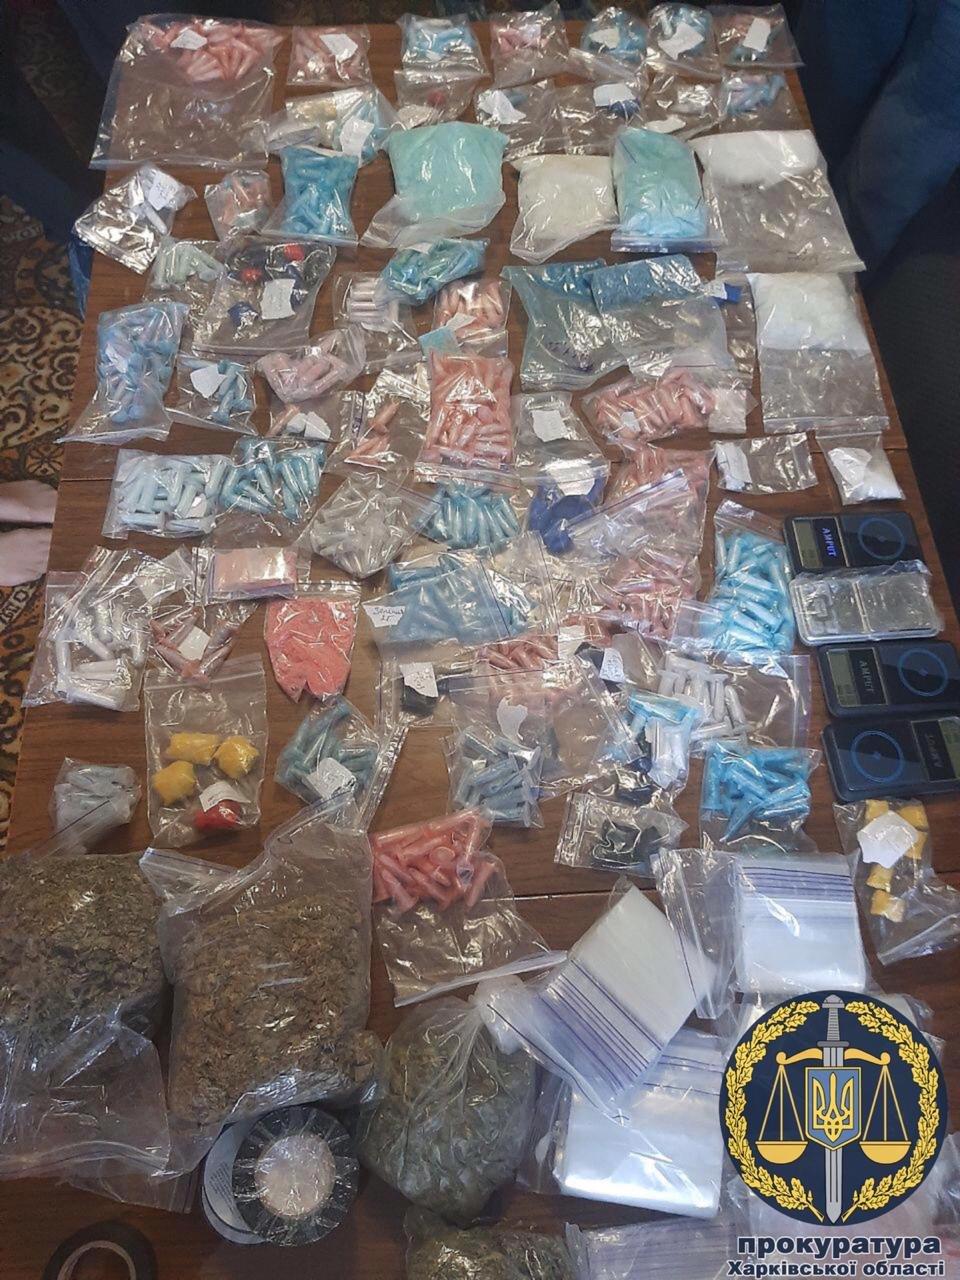 В Харькове 22-летняя девушка организовала у себя дома «оптовый склад» наркотиков, - ФОТО, фото-2